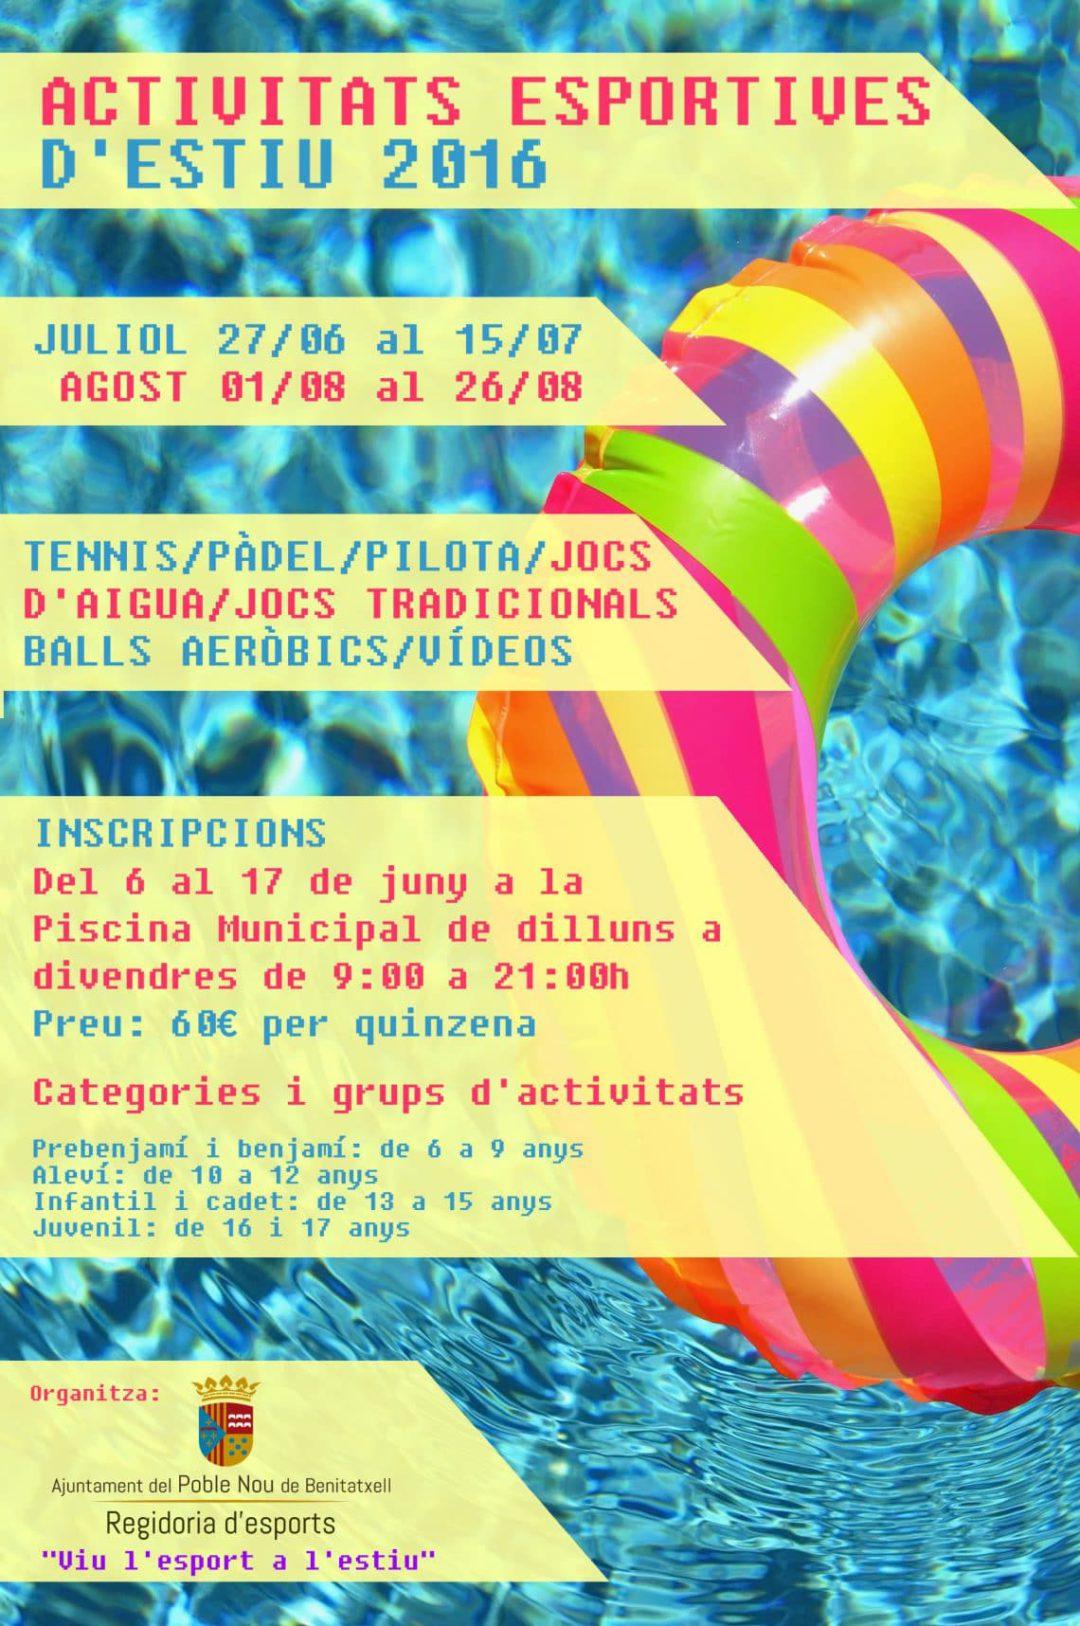 Actividades este verano para los más jóvenes en Benitatxell